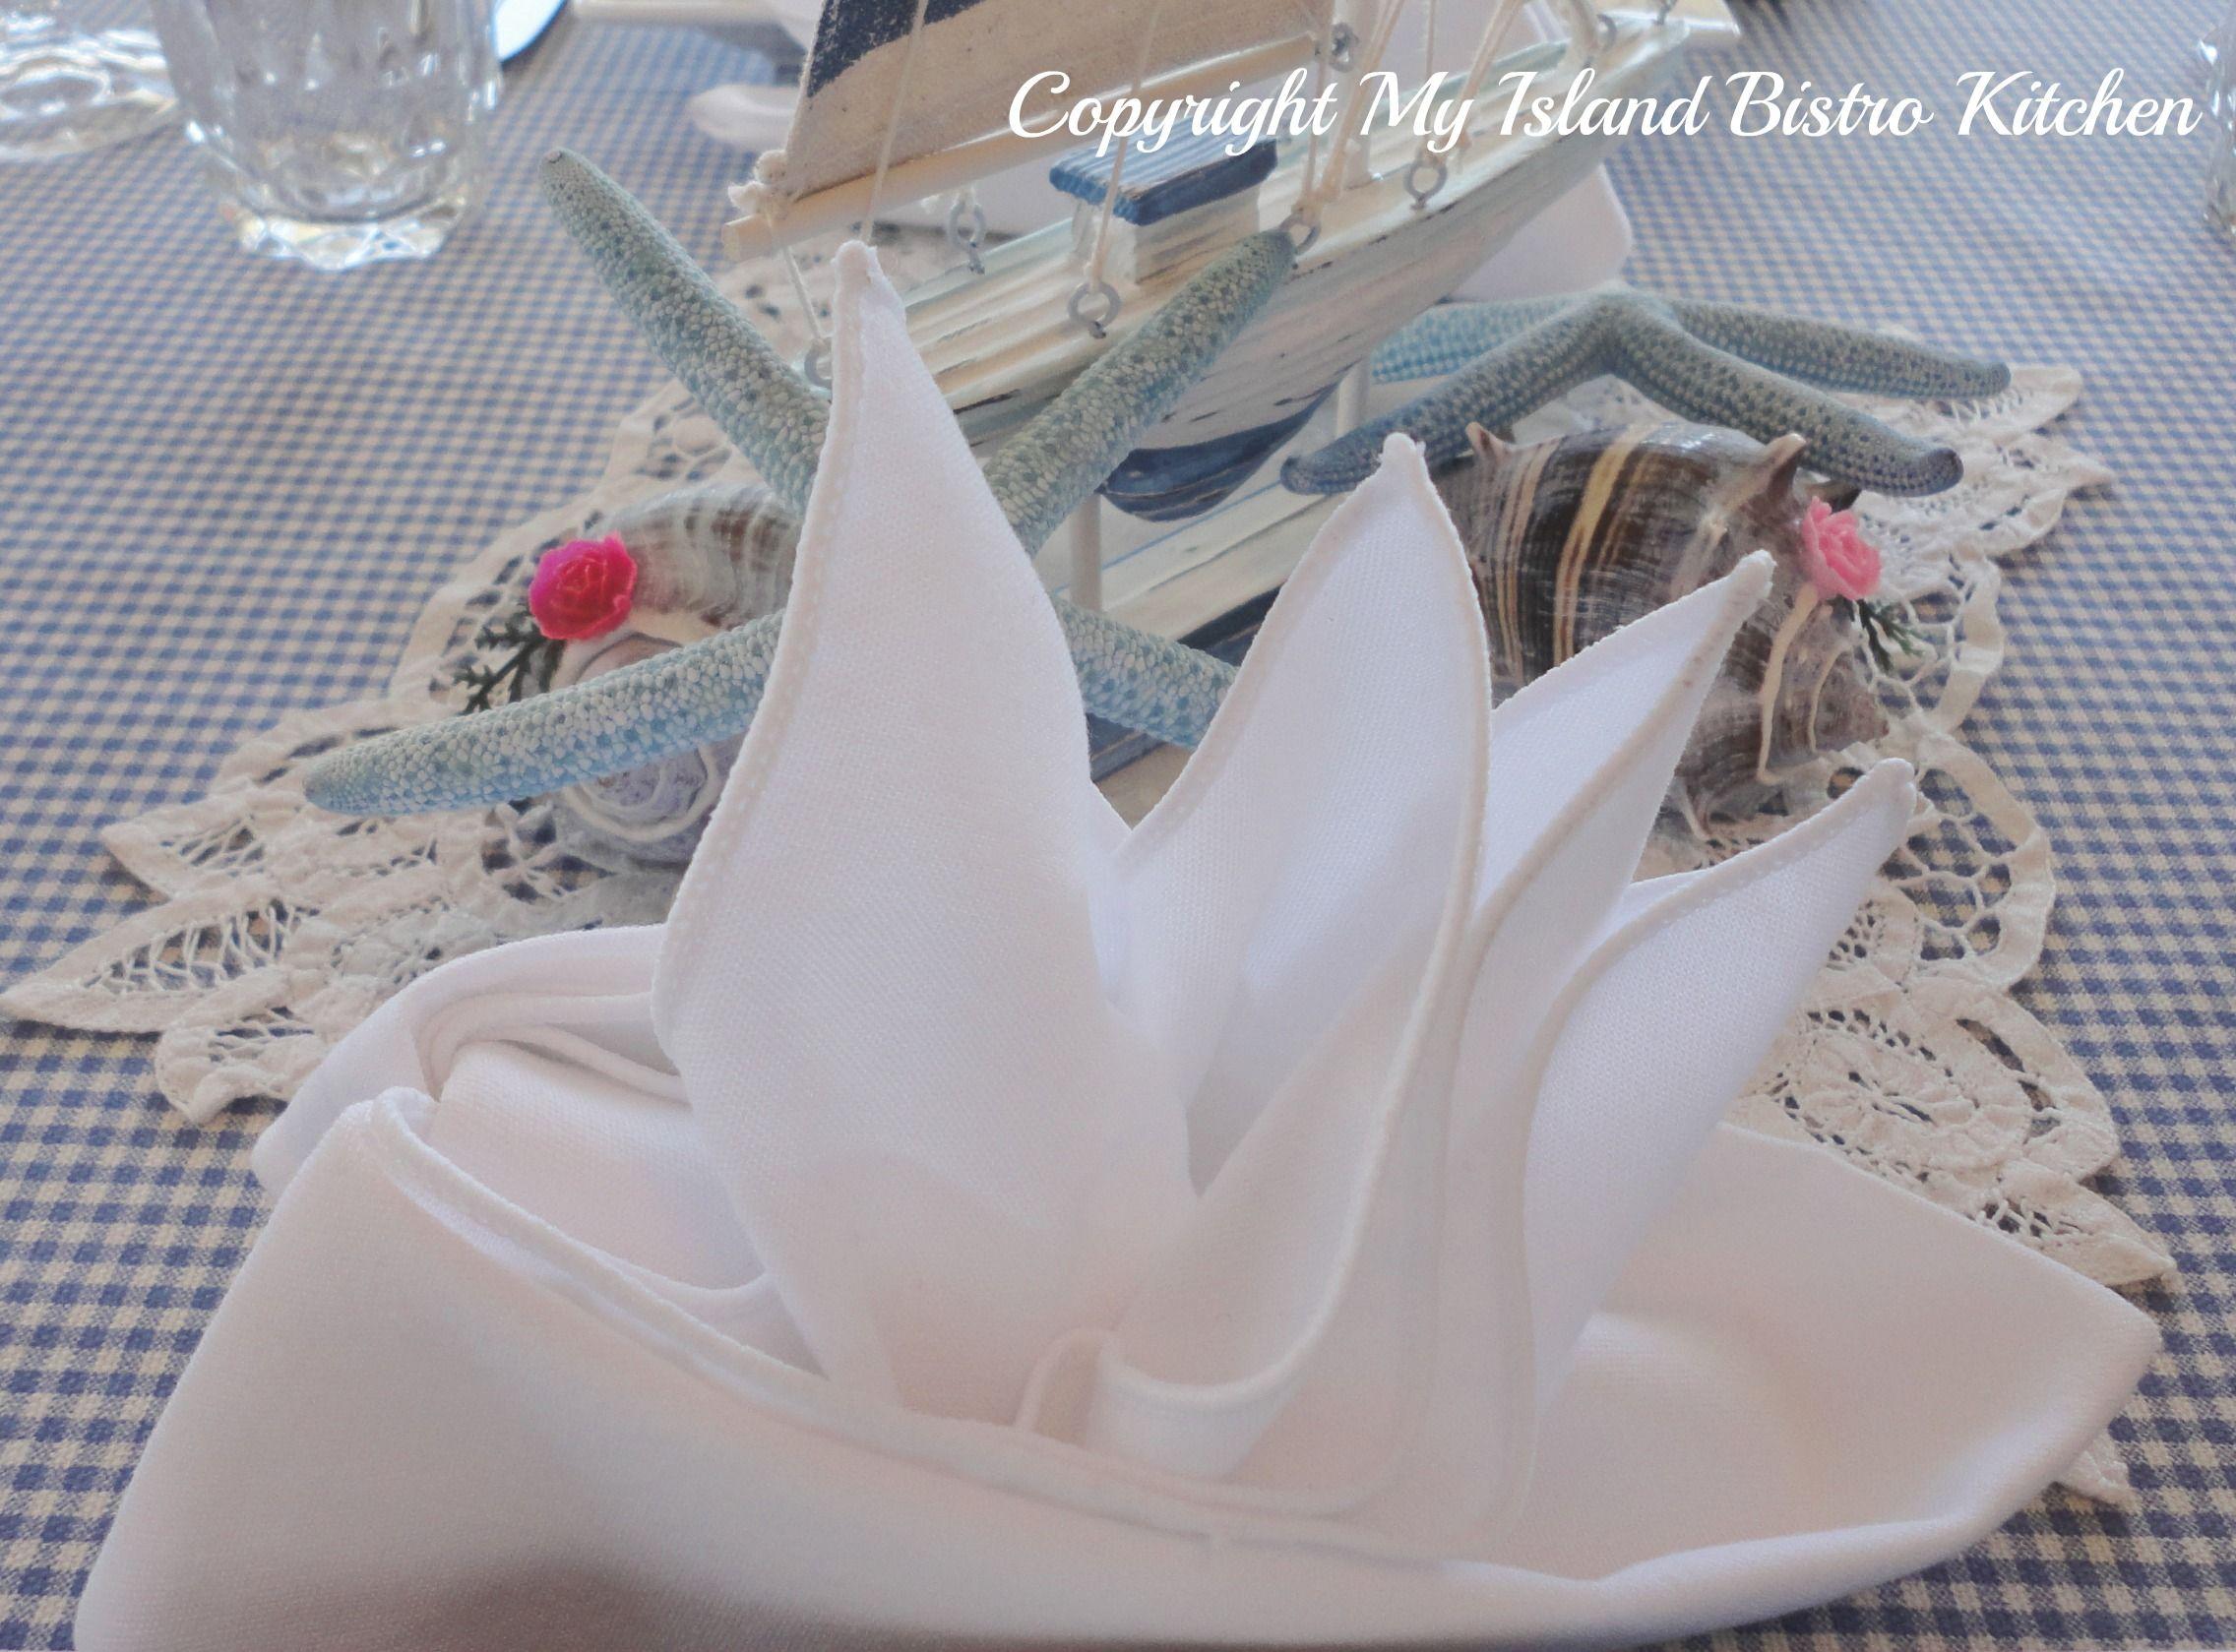 Napkin folding instructions for the pyramid napkin fold - Sailboat Napkin Fold